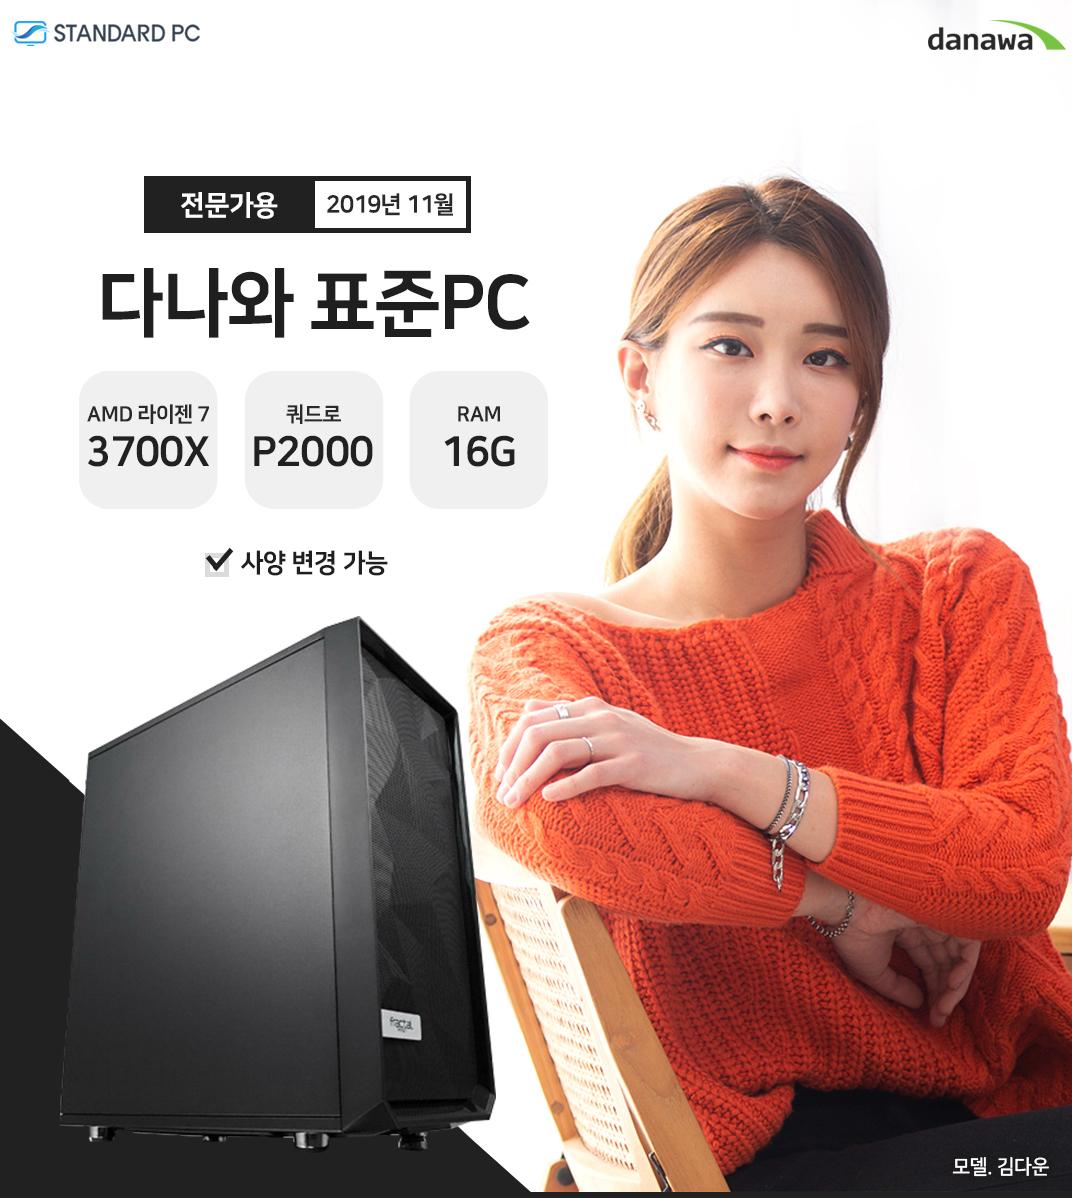 2019년 11월 다나와 표준PC PC방 에디션  AMD 라이젠 7 3700X 쿼드로 2000 RAM 16G 모델 문가경